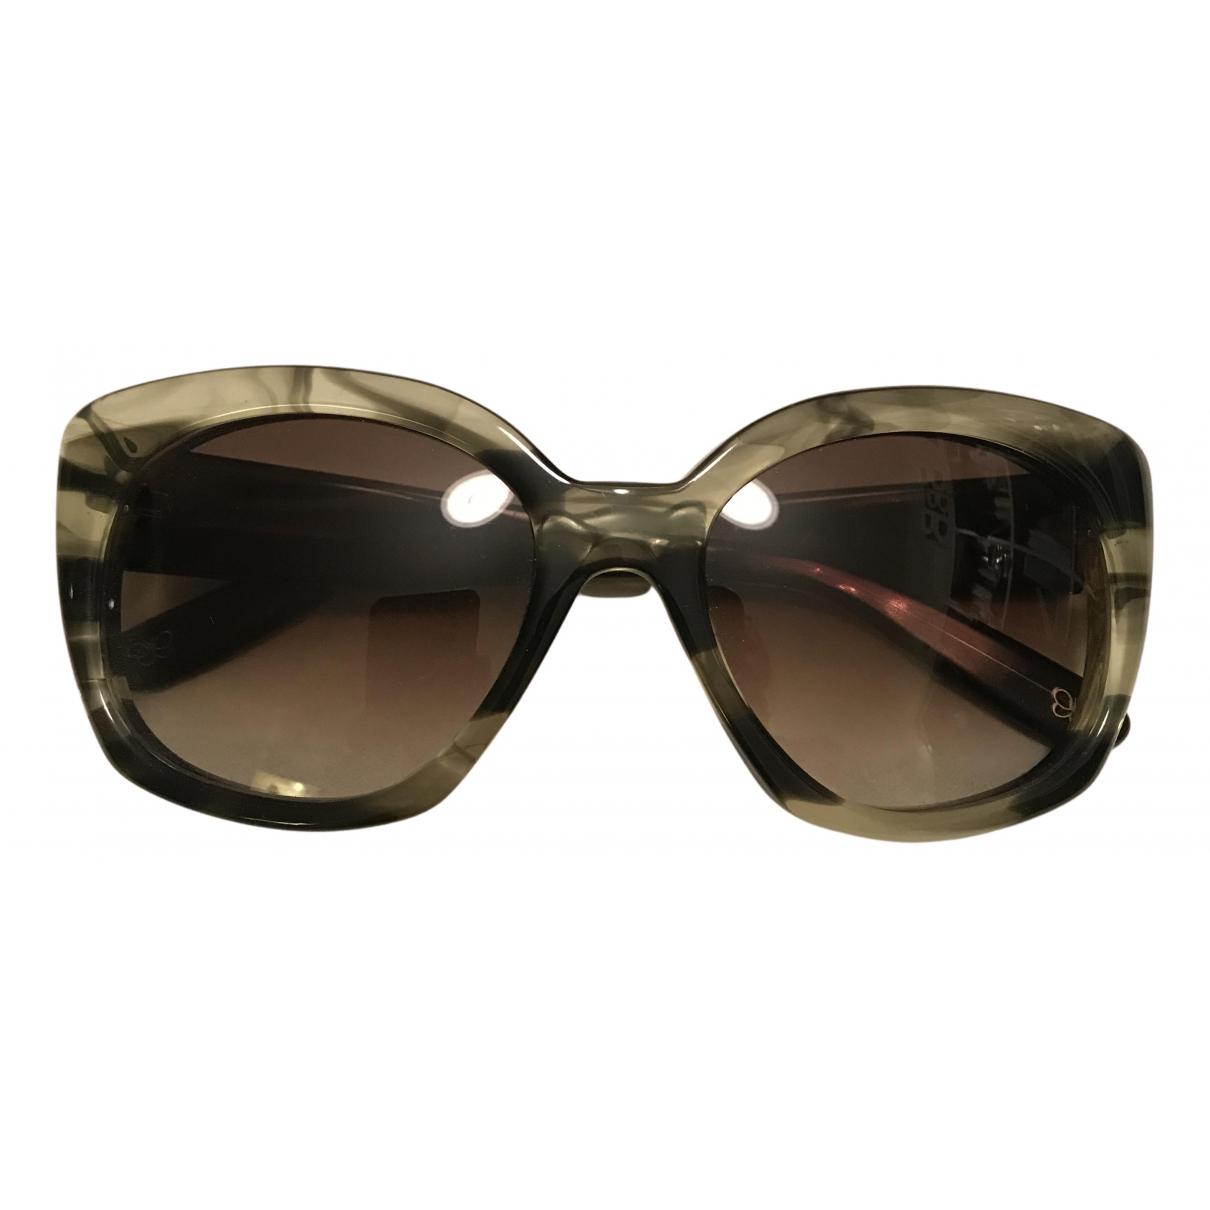 Bottega Veneta N Multicolour Sunglasses for Women N